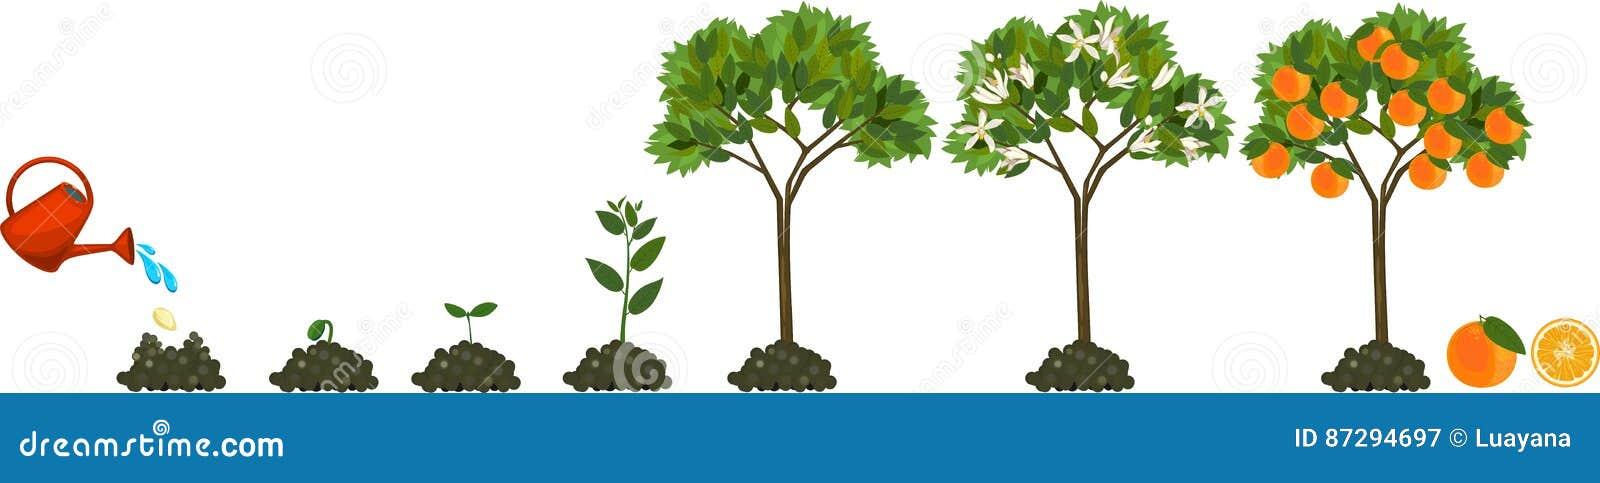 Planta que crece de la semilla al rbol anaranjado planta for Pianta con la c